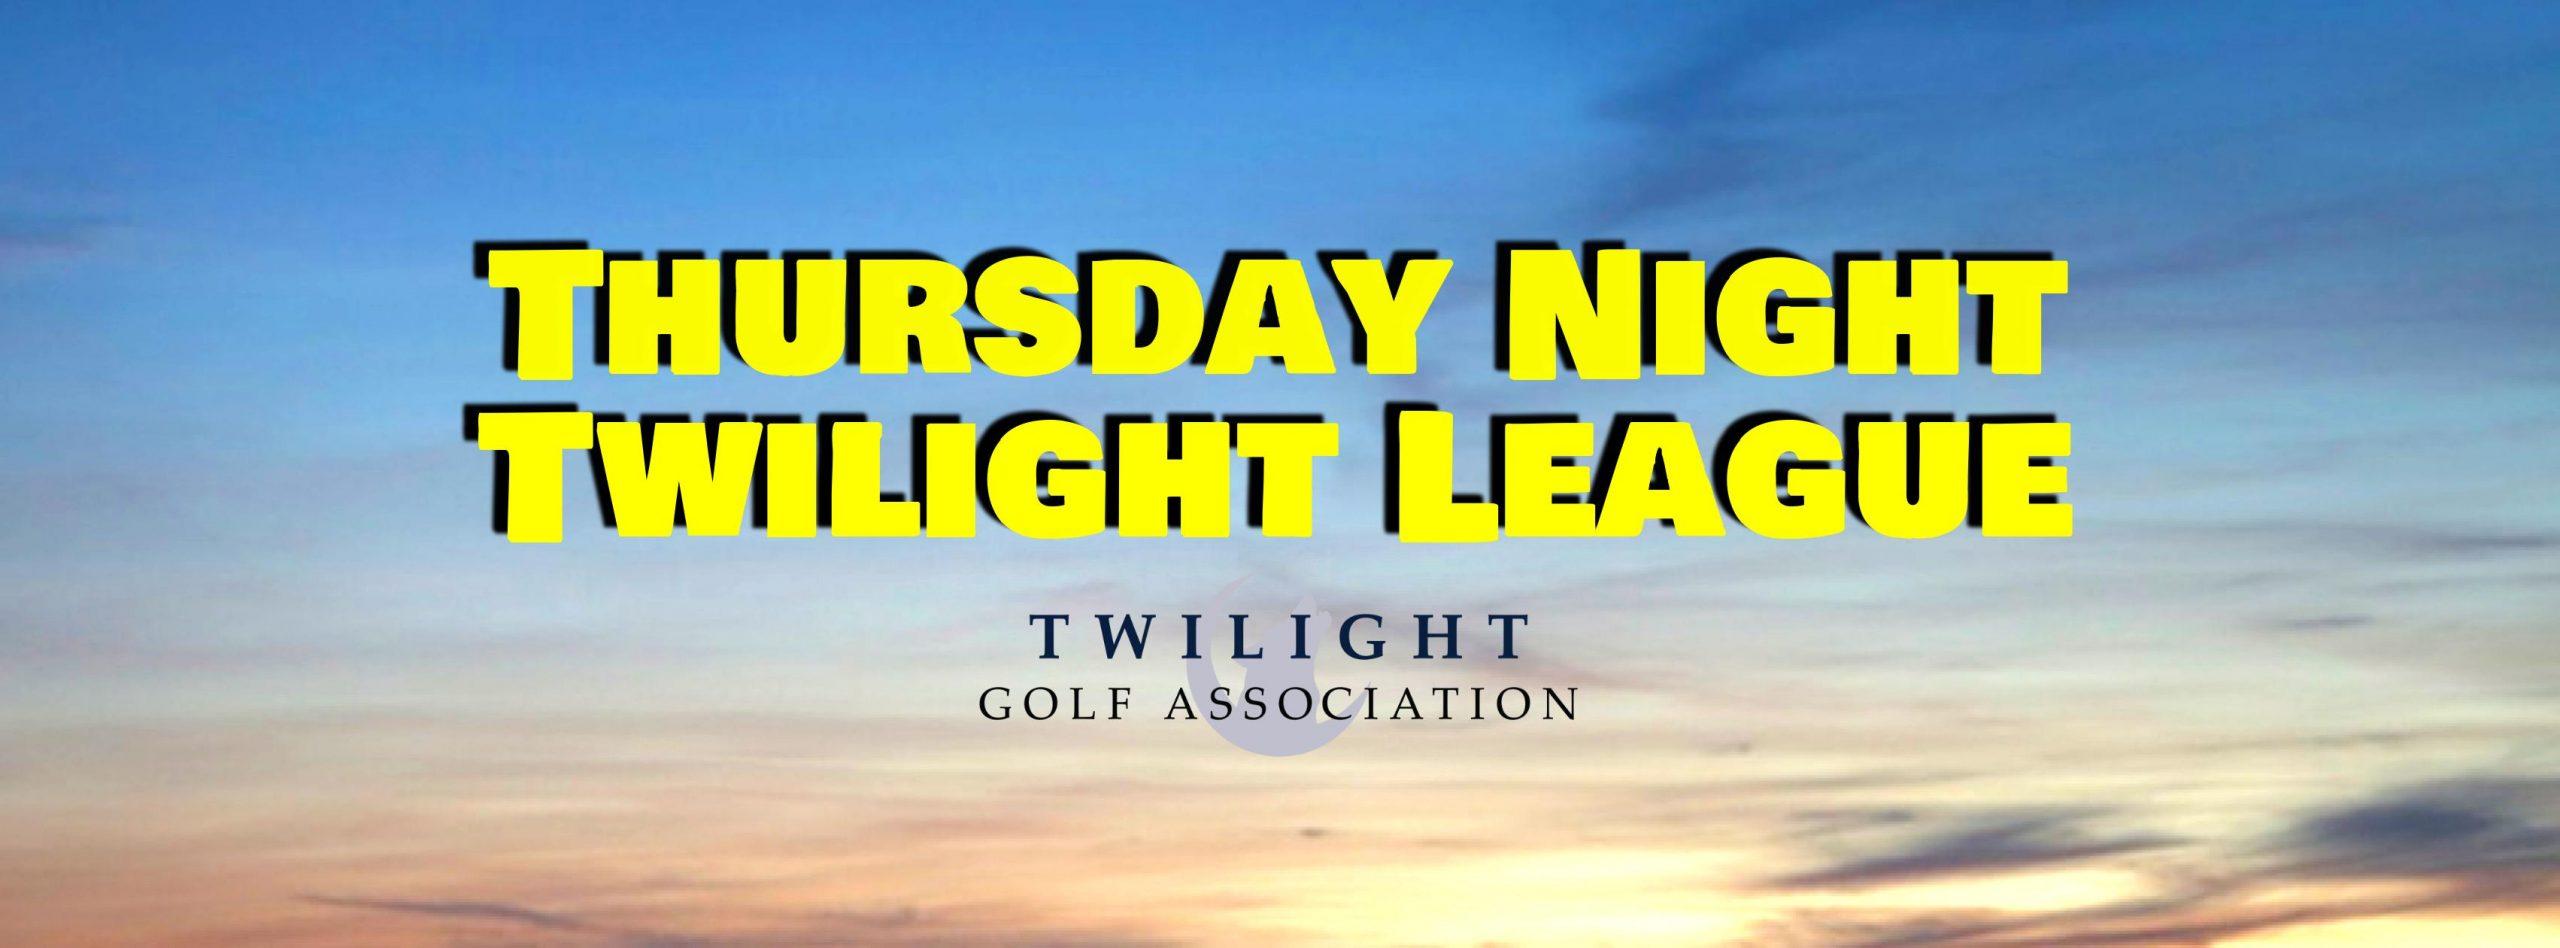 Thursday Twilight League at Mount Pleasant Golf Course